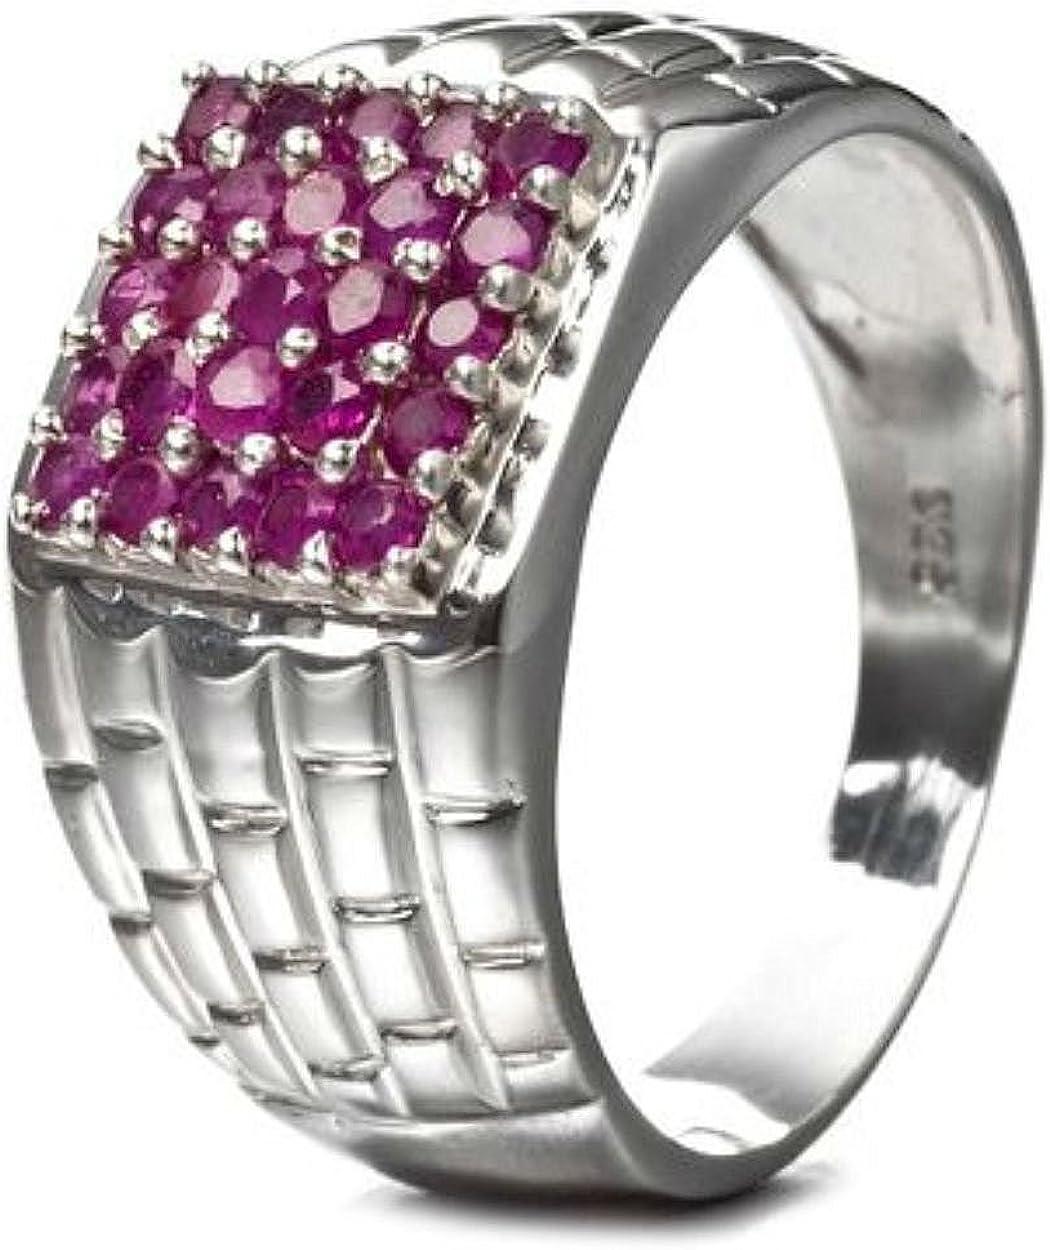 Silvancé - Anillo de mujer - plata esterlina 925 bañada en rodio - auténtico piedras preciosas: Ruby ca. 0.76ct. - R5137R